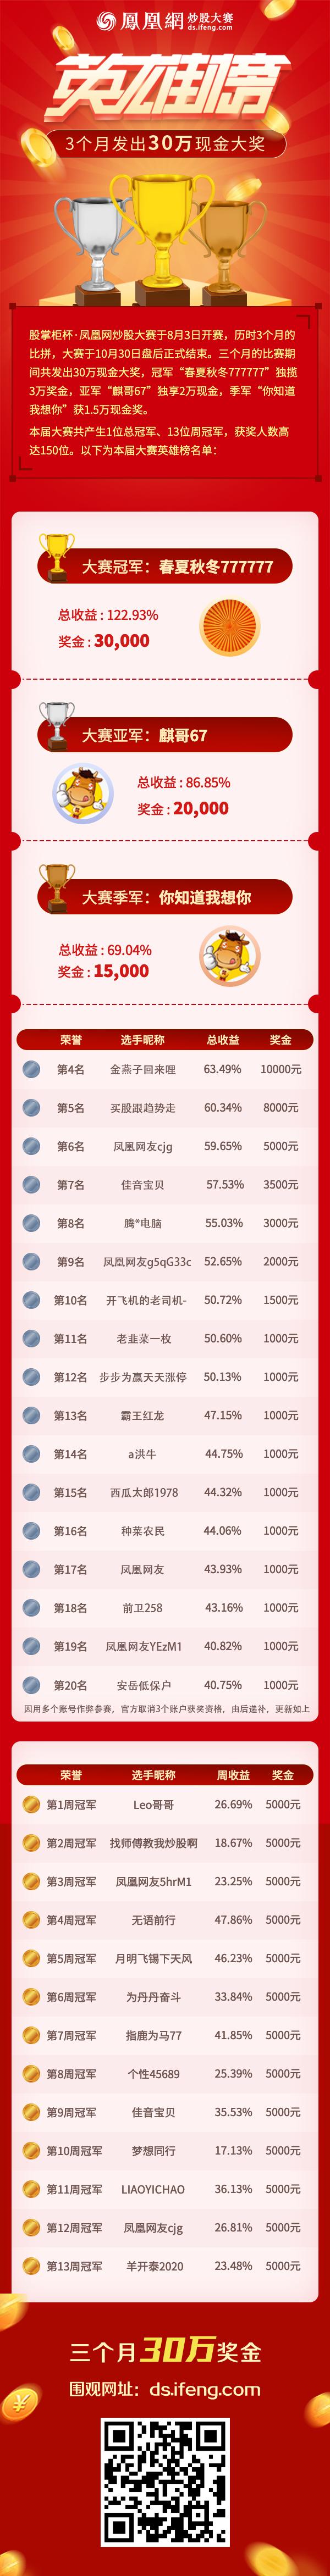 炒股大赛3个月发出30万现金大奖 总冠军大赚123%独揽3万